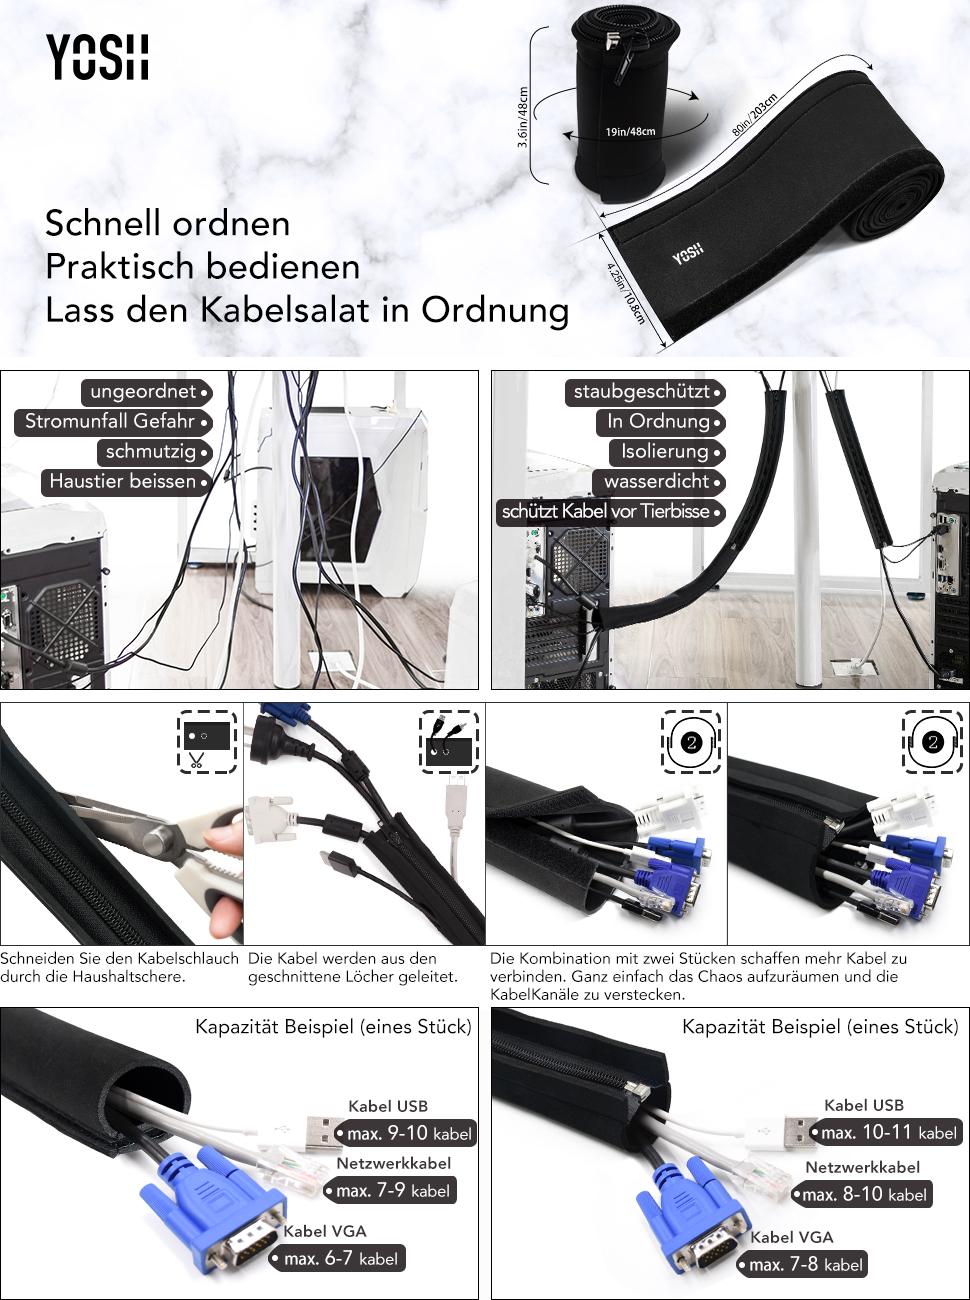 Wunderbar Kabel Tv Kabelabdeckungen Galerie - Die Besten ...